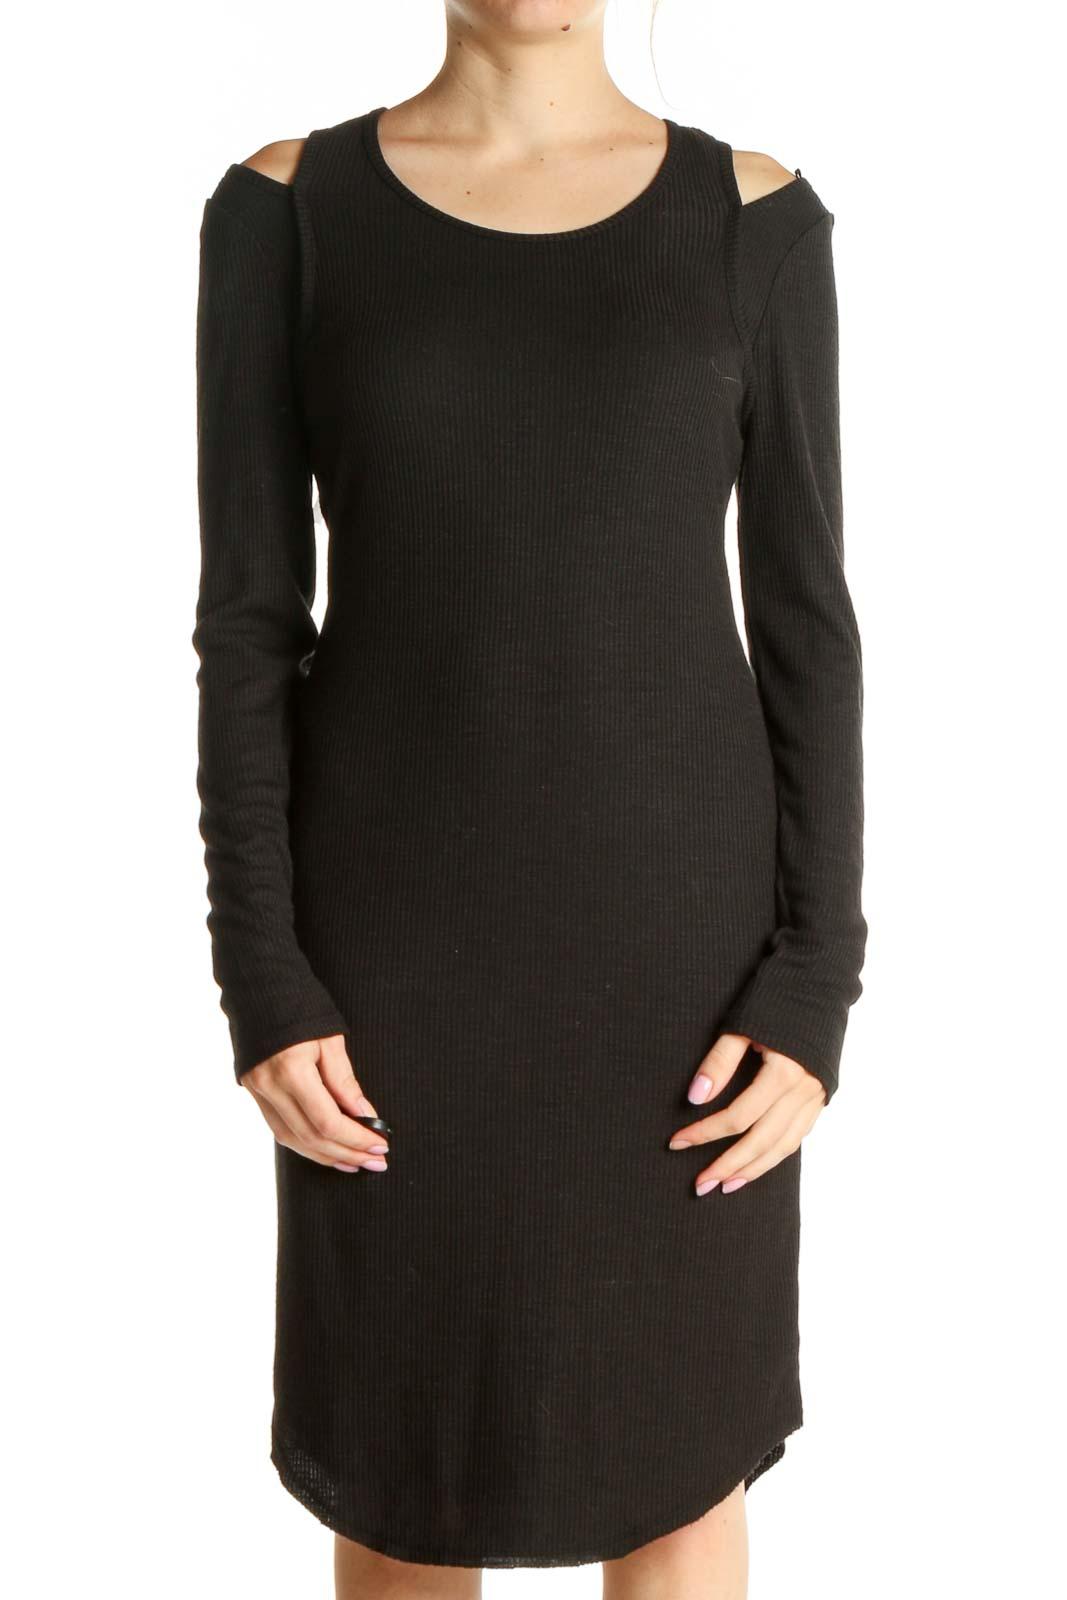 Black Solid Exposed Shoulder Sheath Dress Front